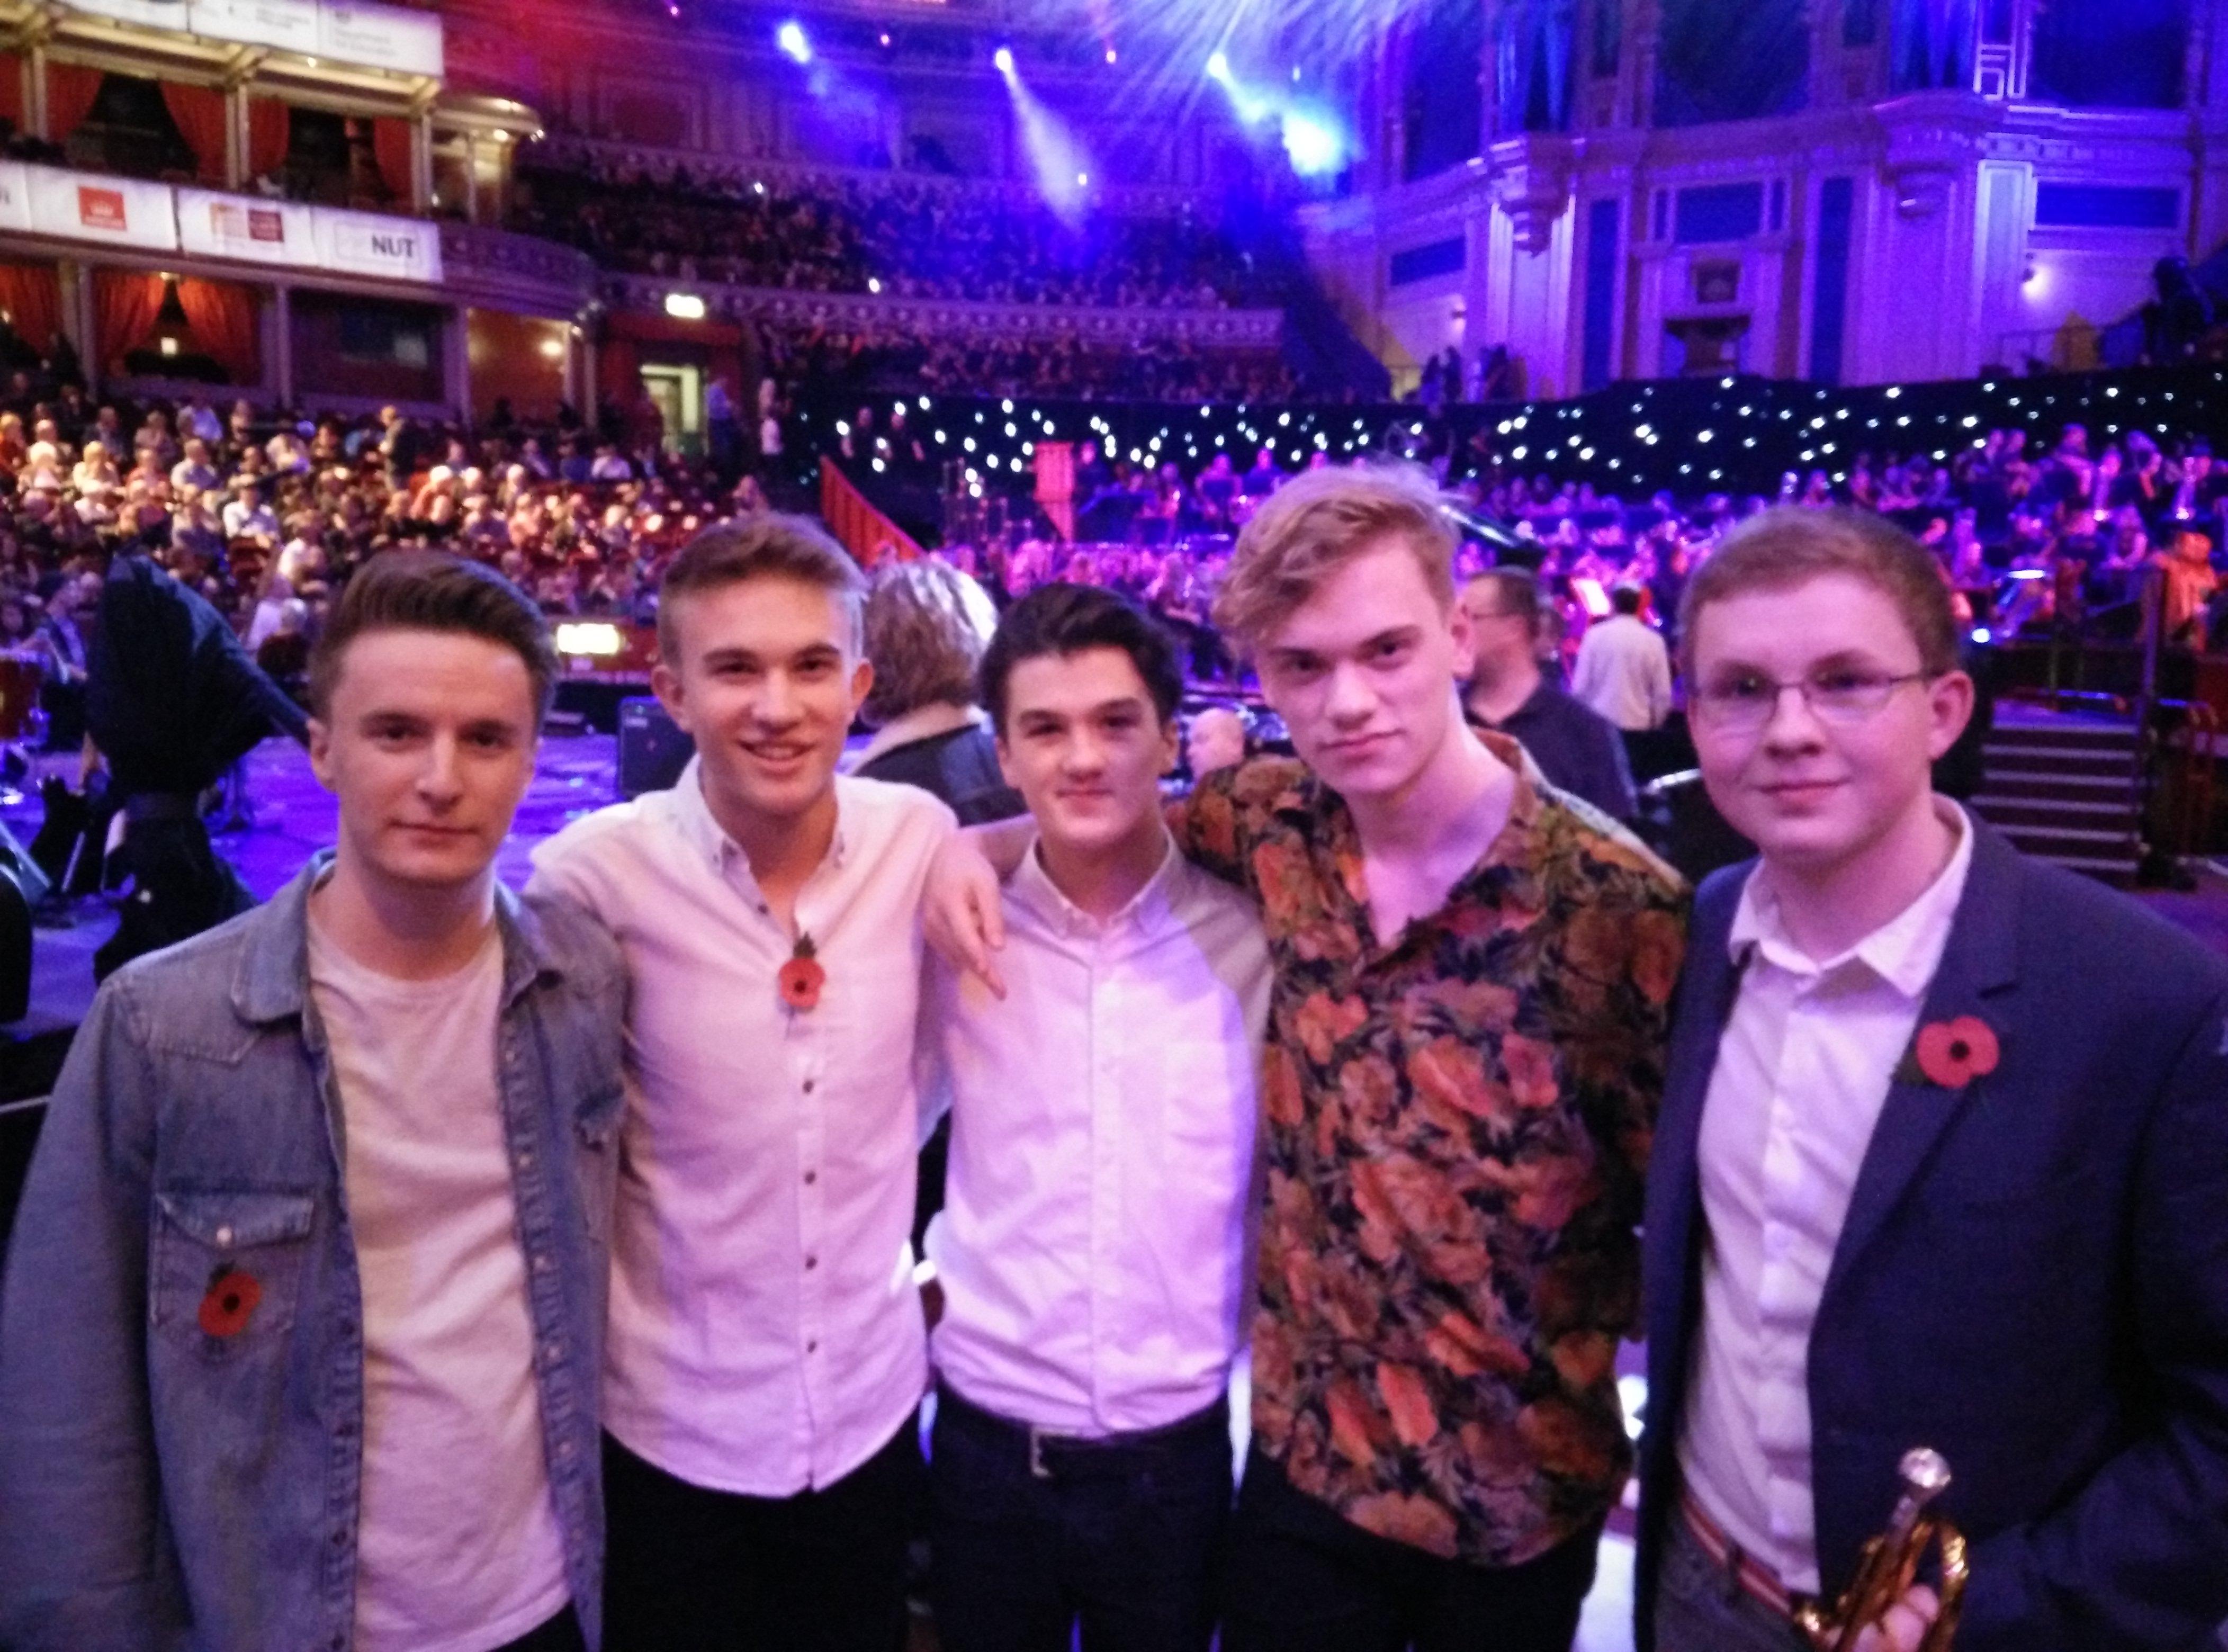 The Pylons at the Royal Albert Hall